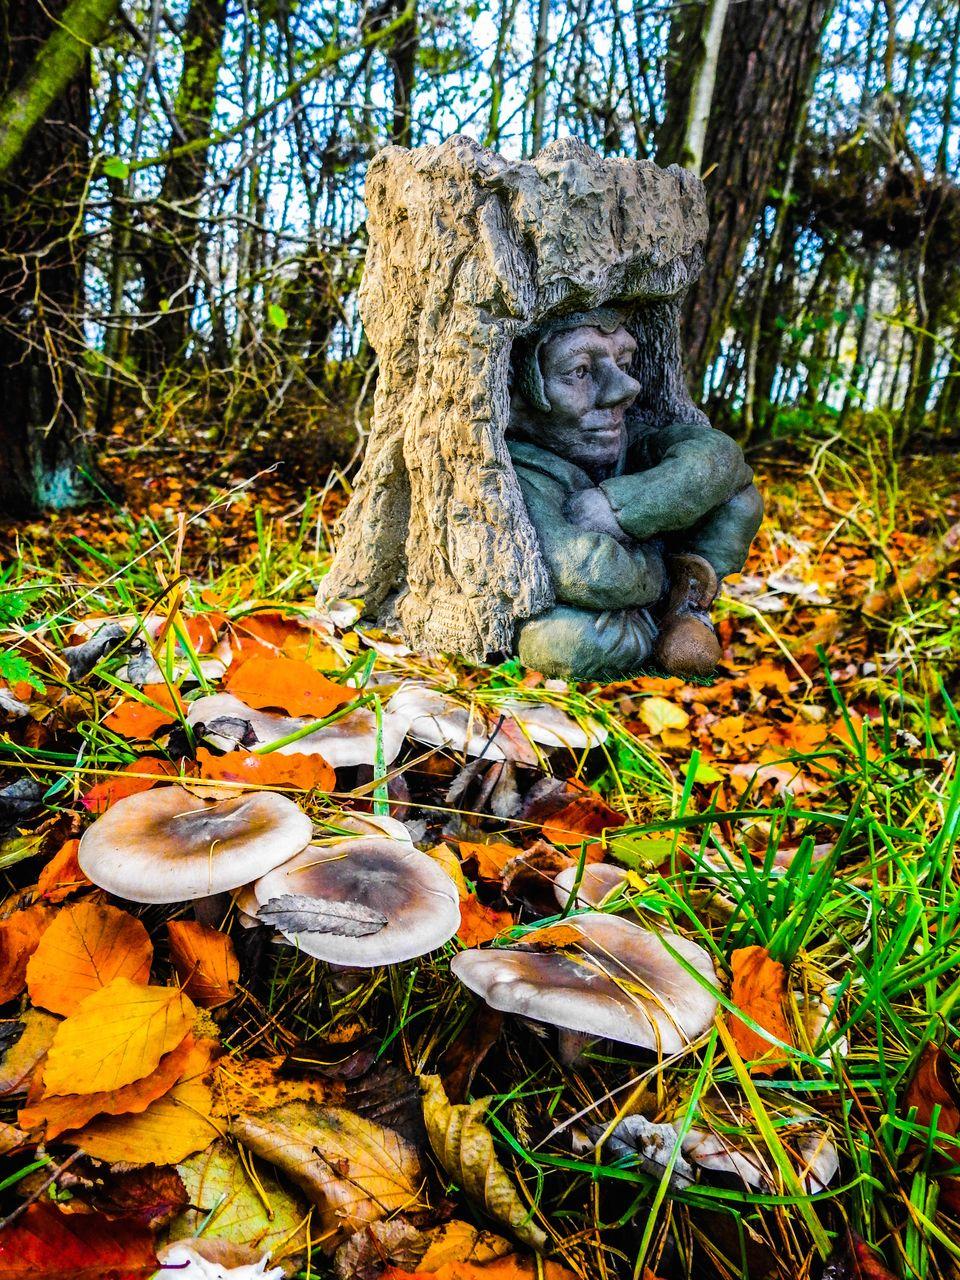 Discount Garden Statues Ltd - EXCLUSIVE Pixie Goblin Bird Bath set in Tree Trunk Hand Made in UK, £159.00 (http://www.discountgardenstatues.co.uk/exclusive-pixie-goblin-bird-bath-set-in-tree-trunk-hand-made-in-uk/)